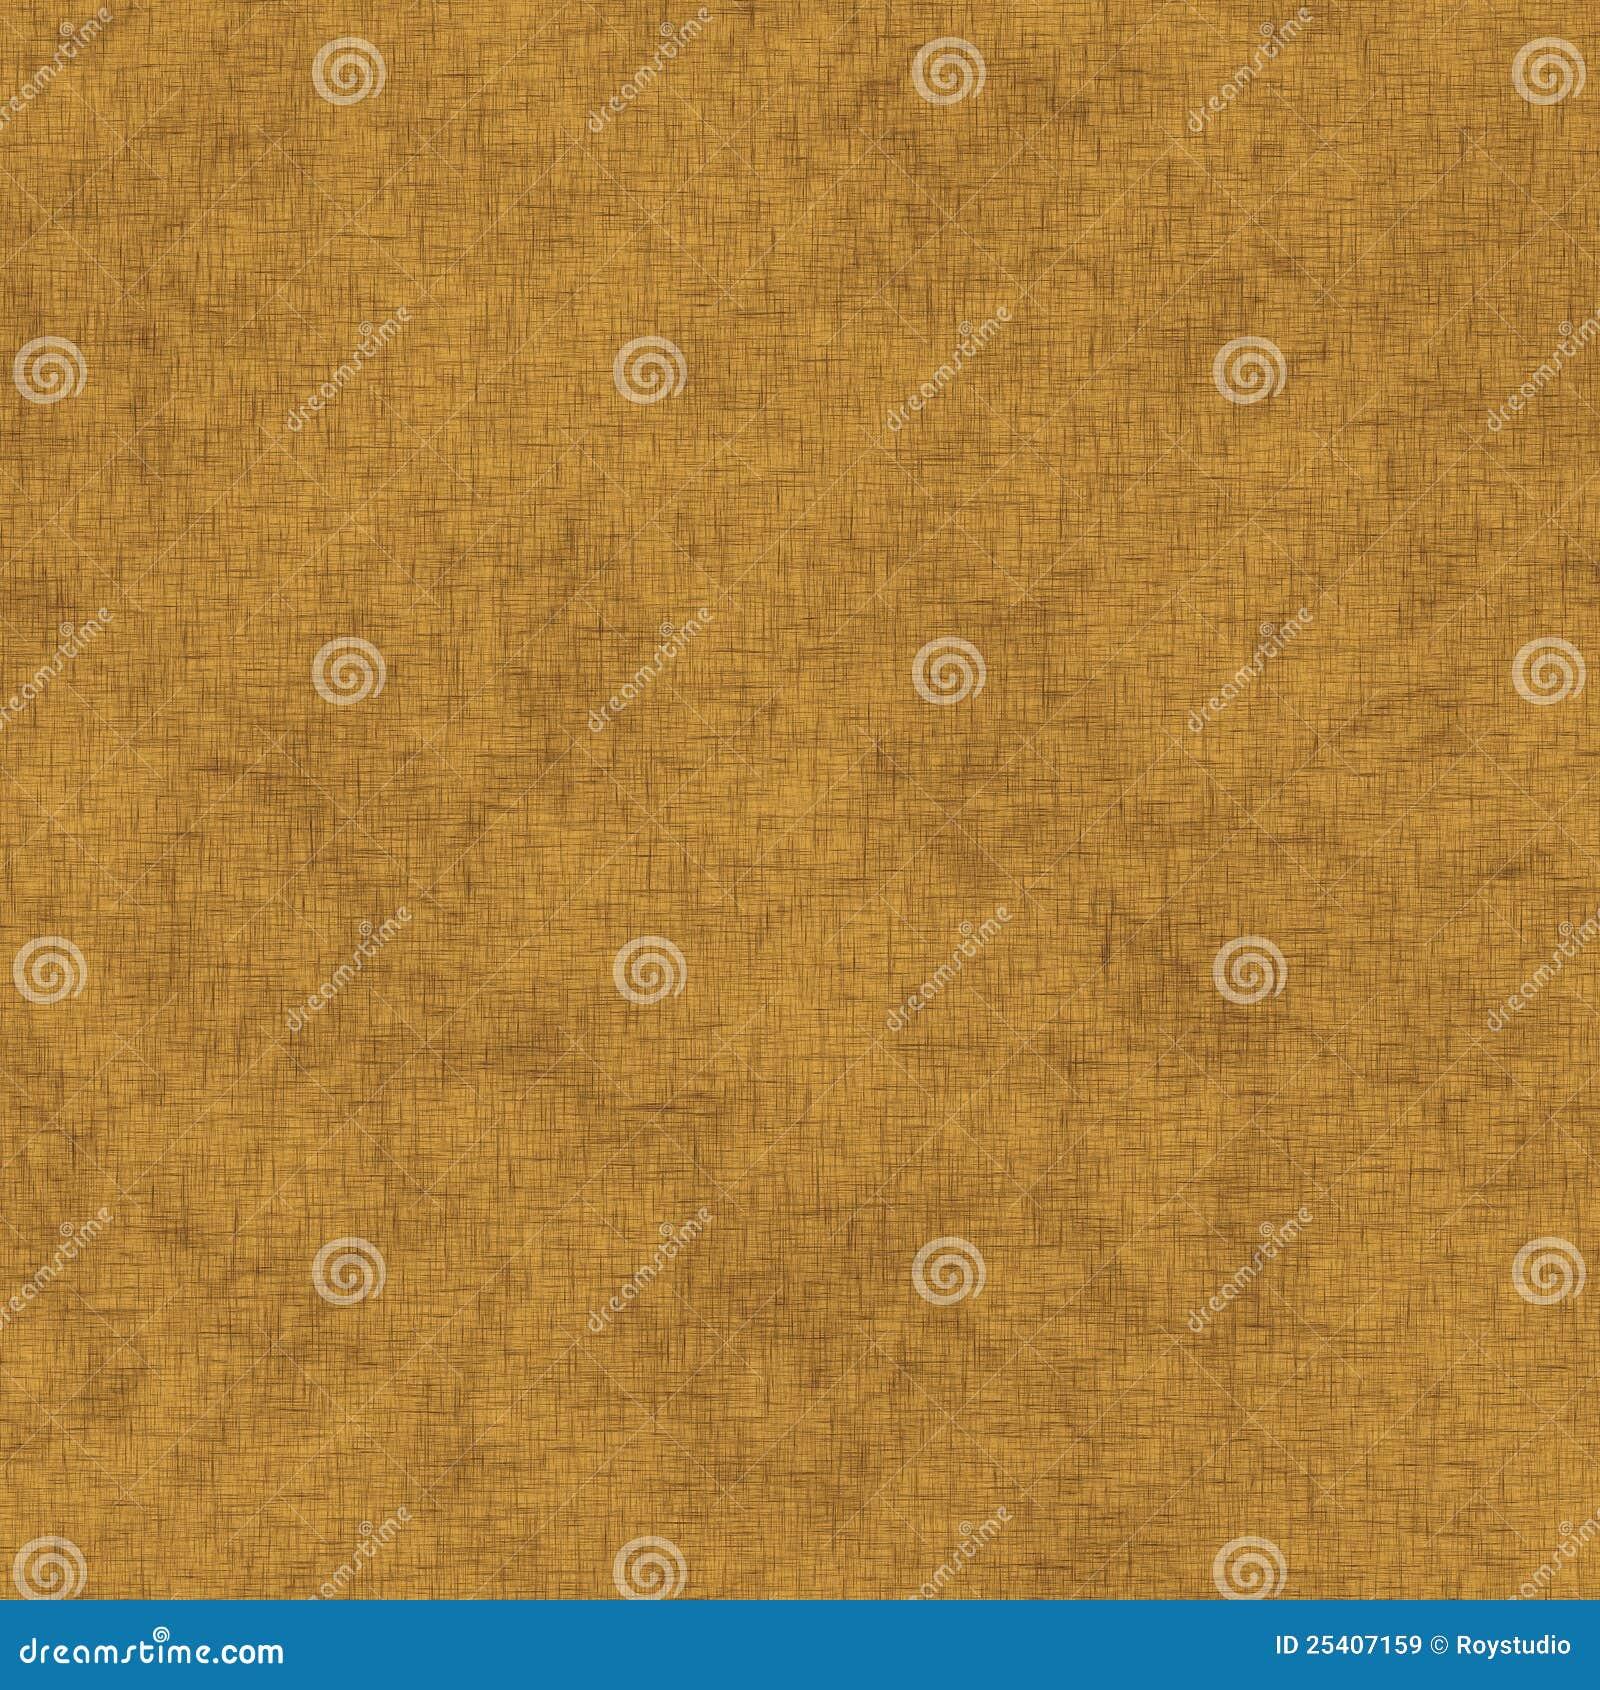 Parchment paper background, brown canvas texture